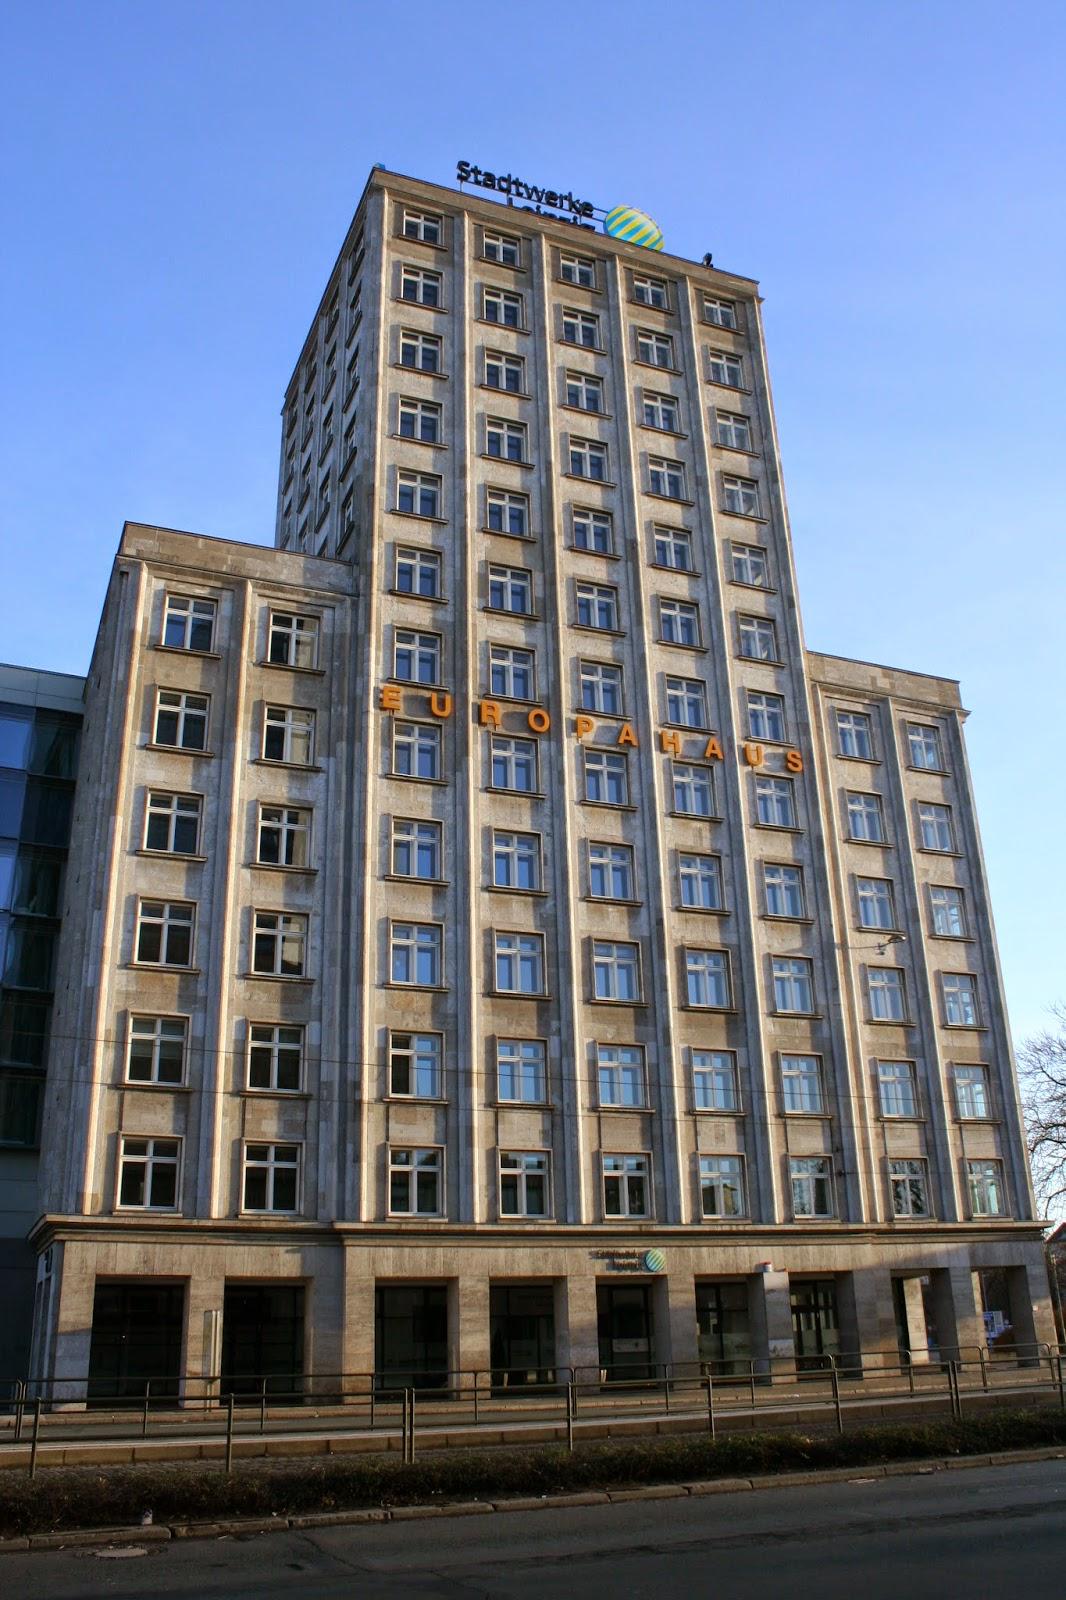 Das Europahaus befindet sich am Augustusplatz fast gegenüber dem Gewandhaus - das Gebäude wurde 1928/29 als 2tes Hochhaus nach dem Krochhochhaus erbaut